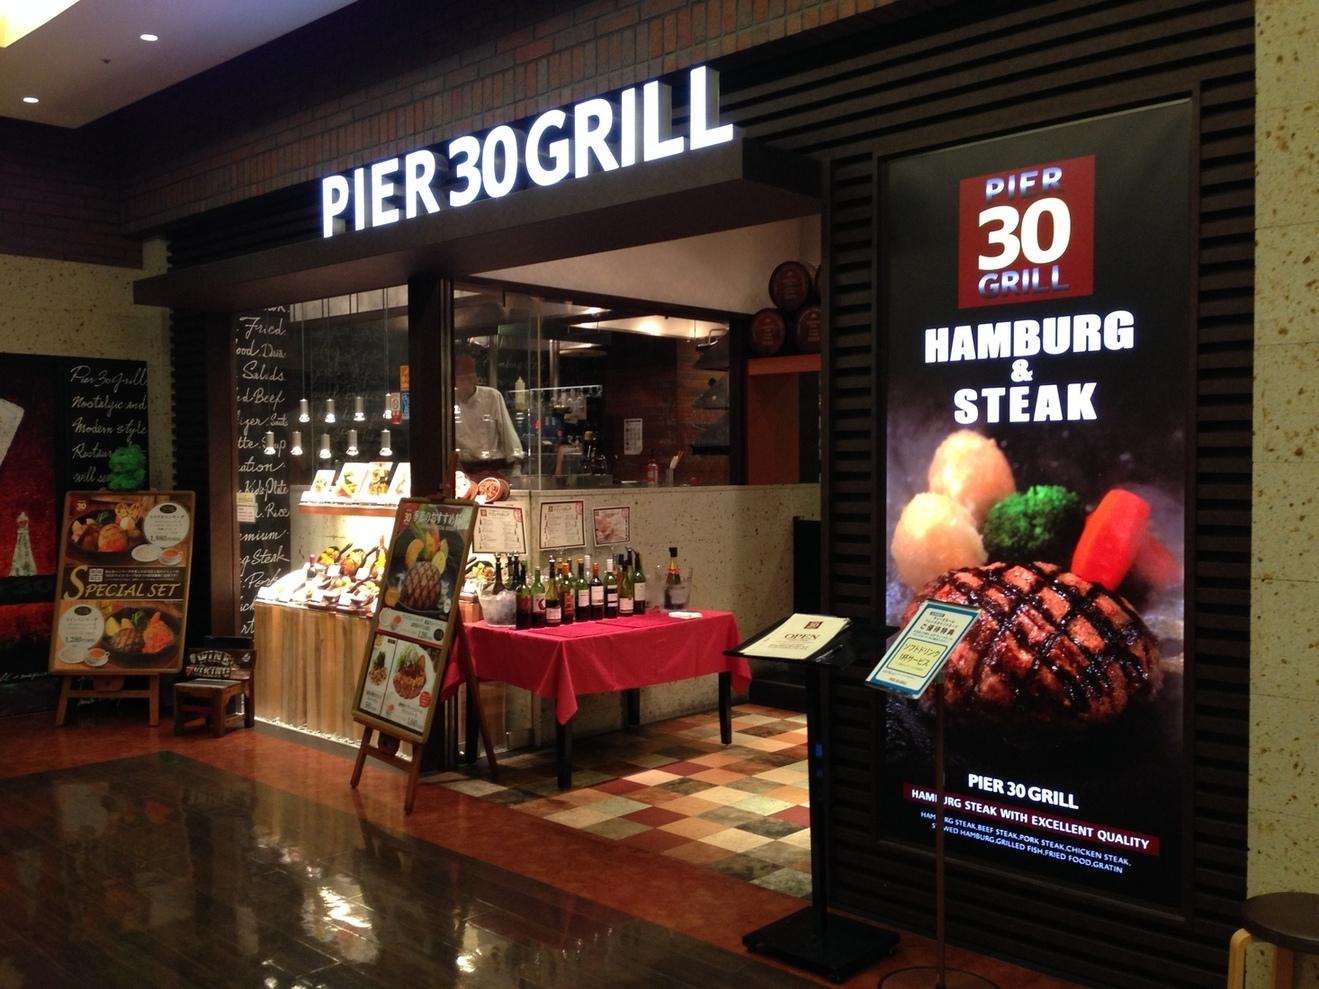 このお店のこのランチが食べたい!尼崎市のグルメなランチおすすめランキング